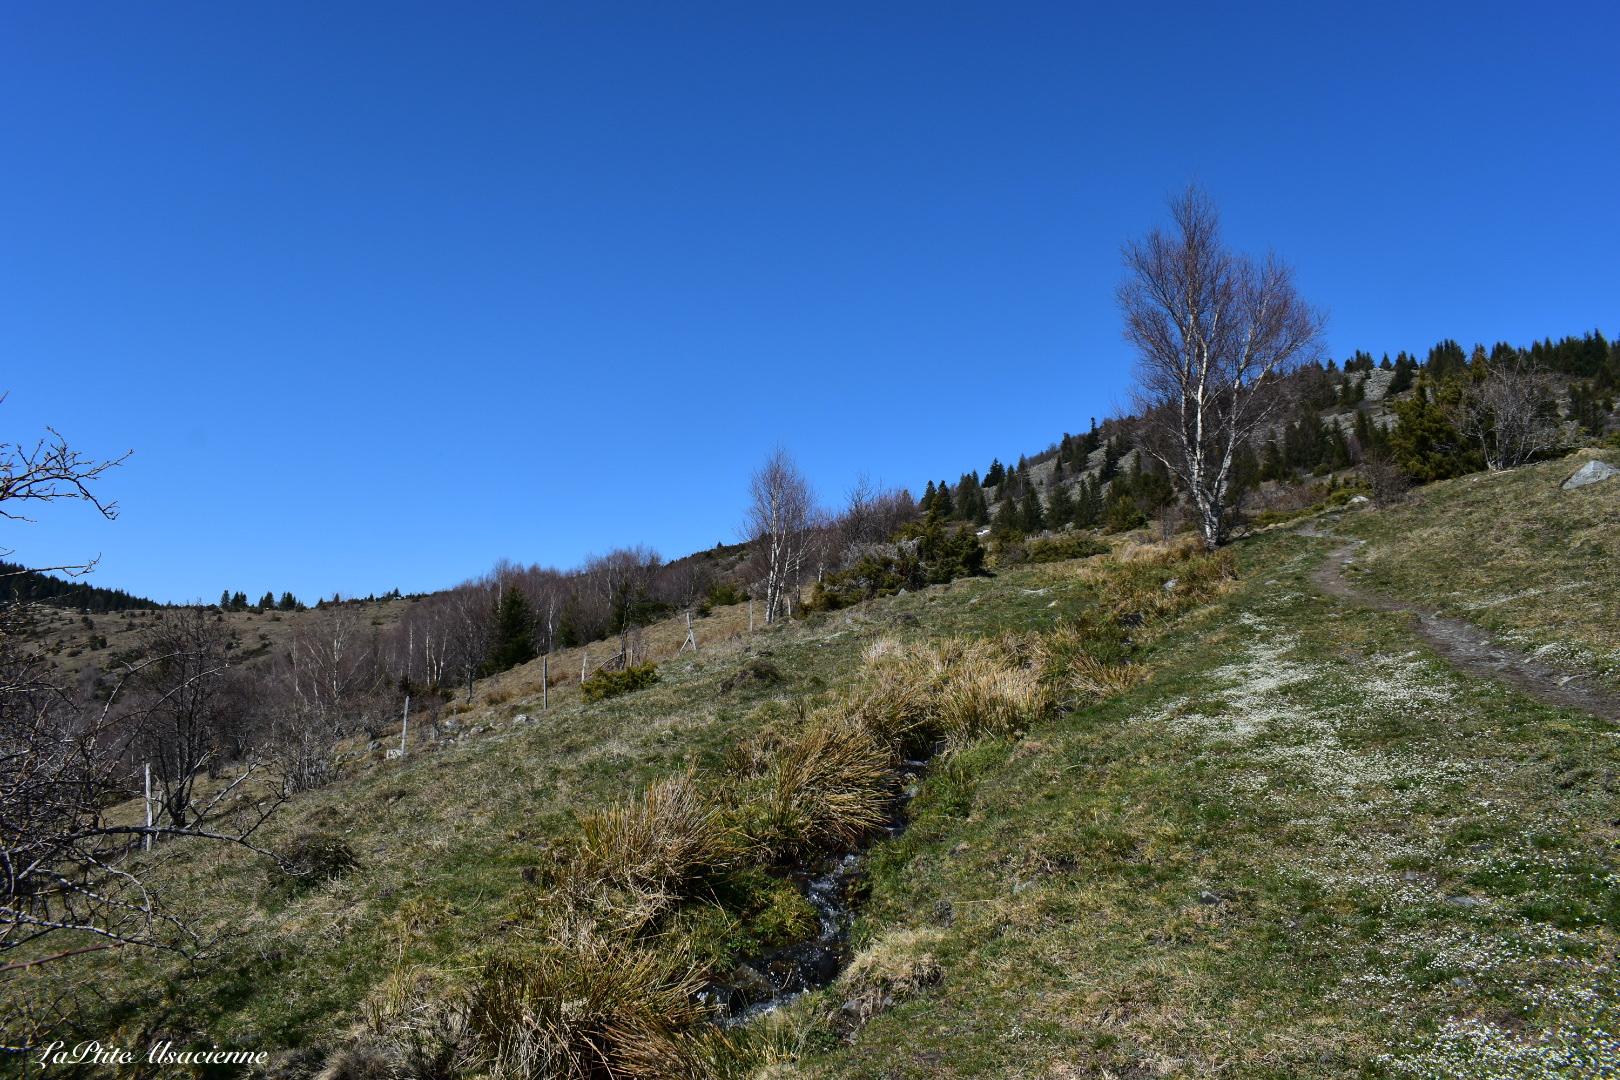 Sentier montant du Hilsen vers le Bockwasen pour ensuite monter au Petit Ballon